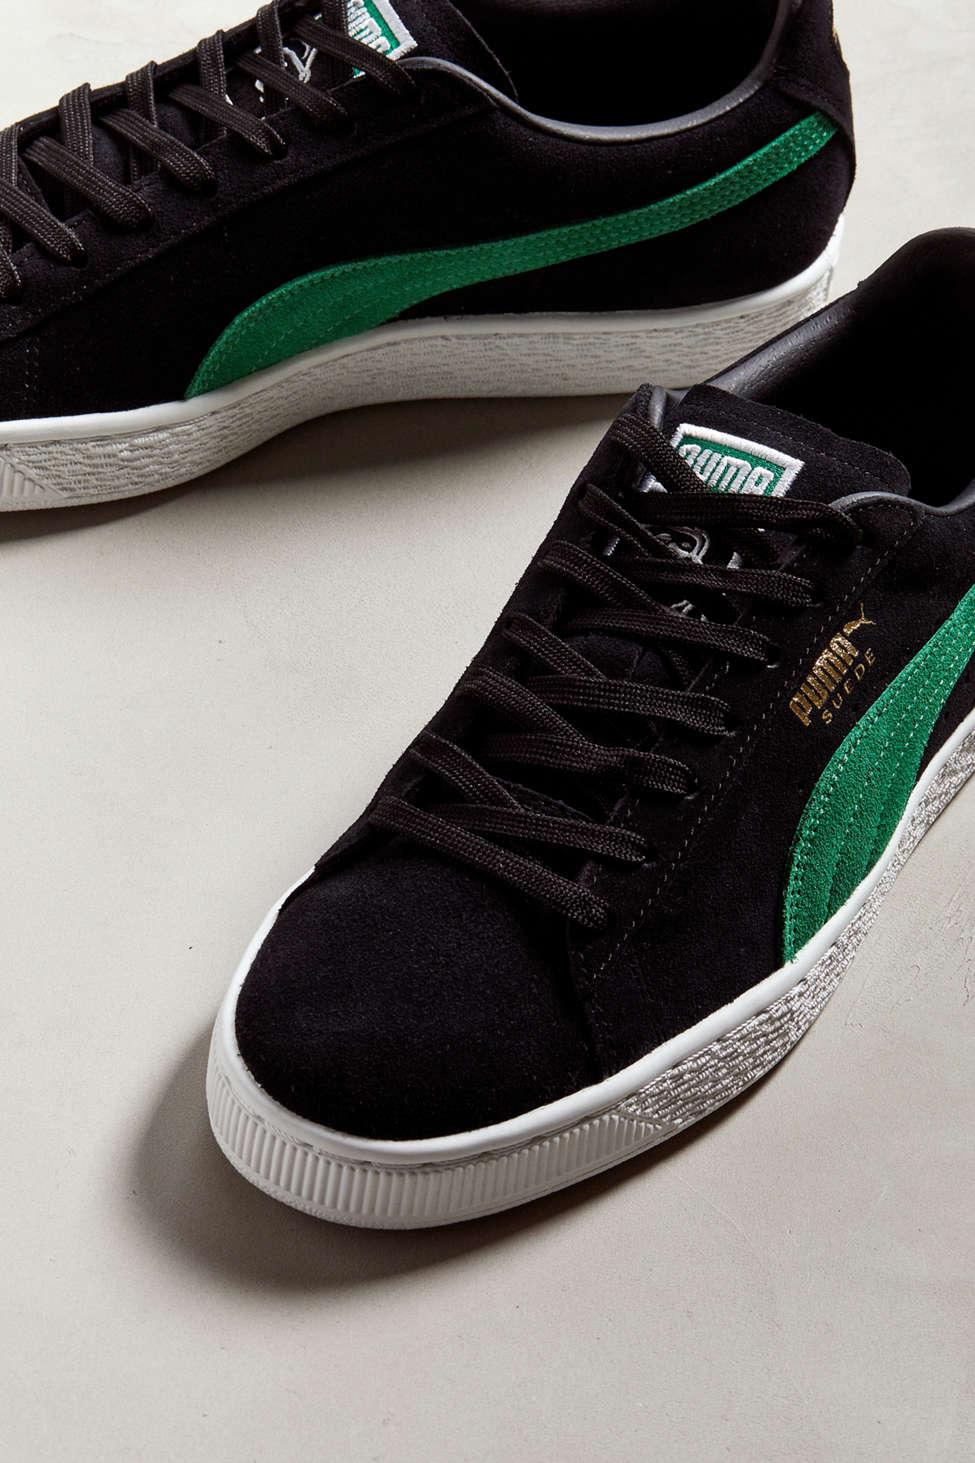 Puma X X-Large Suede Classic Sneaker